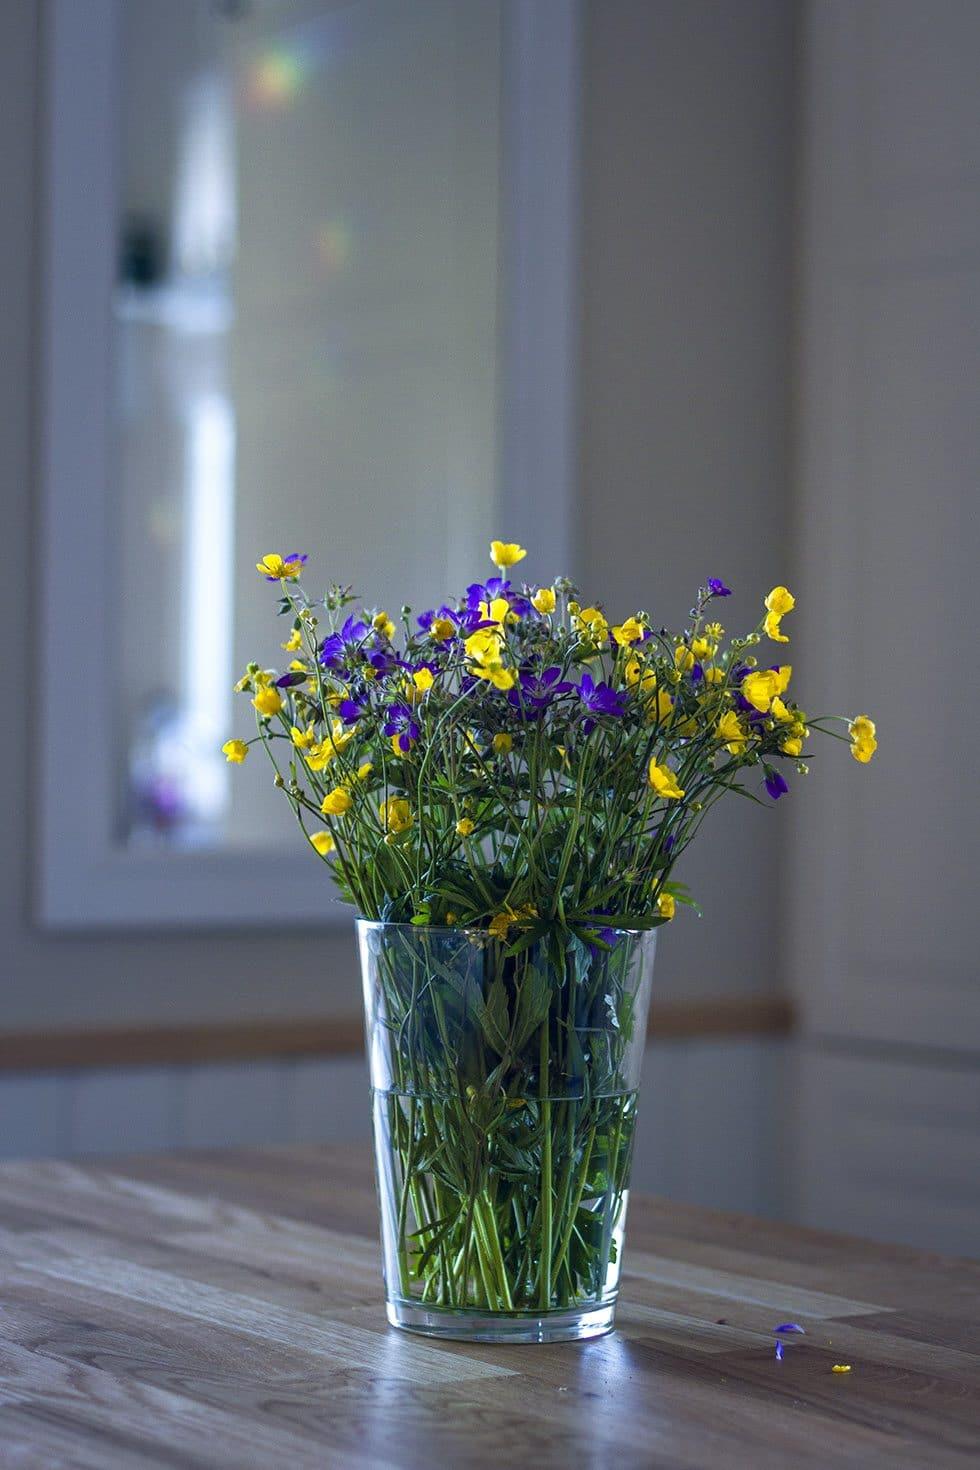 sommar midsommar blommor IMG_9716